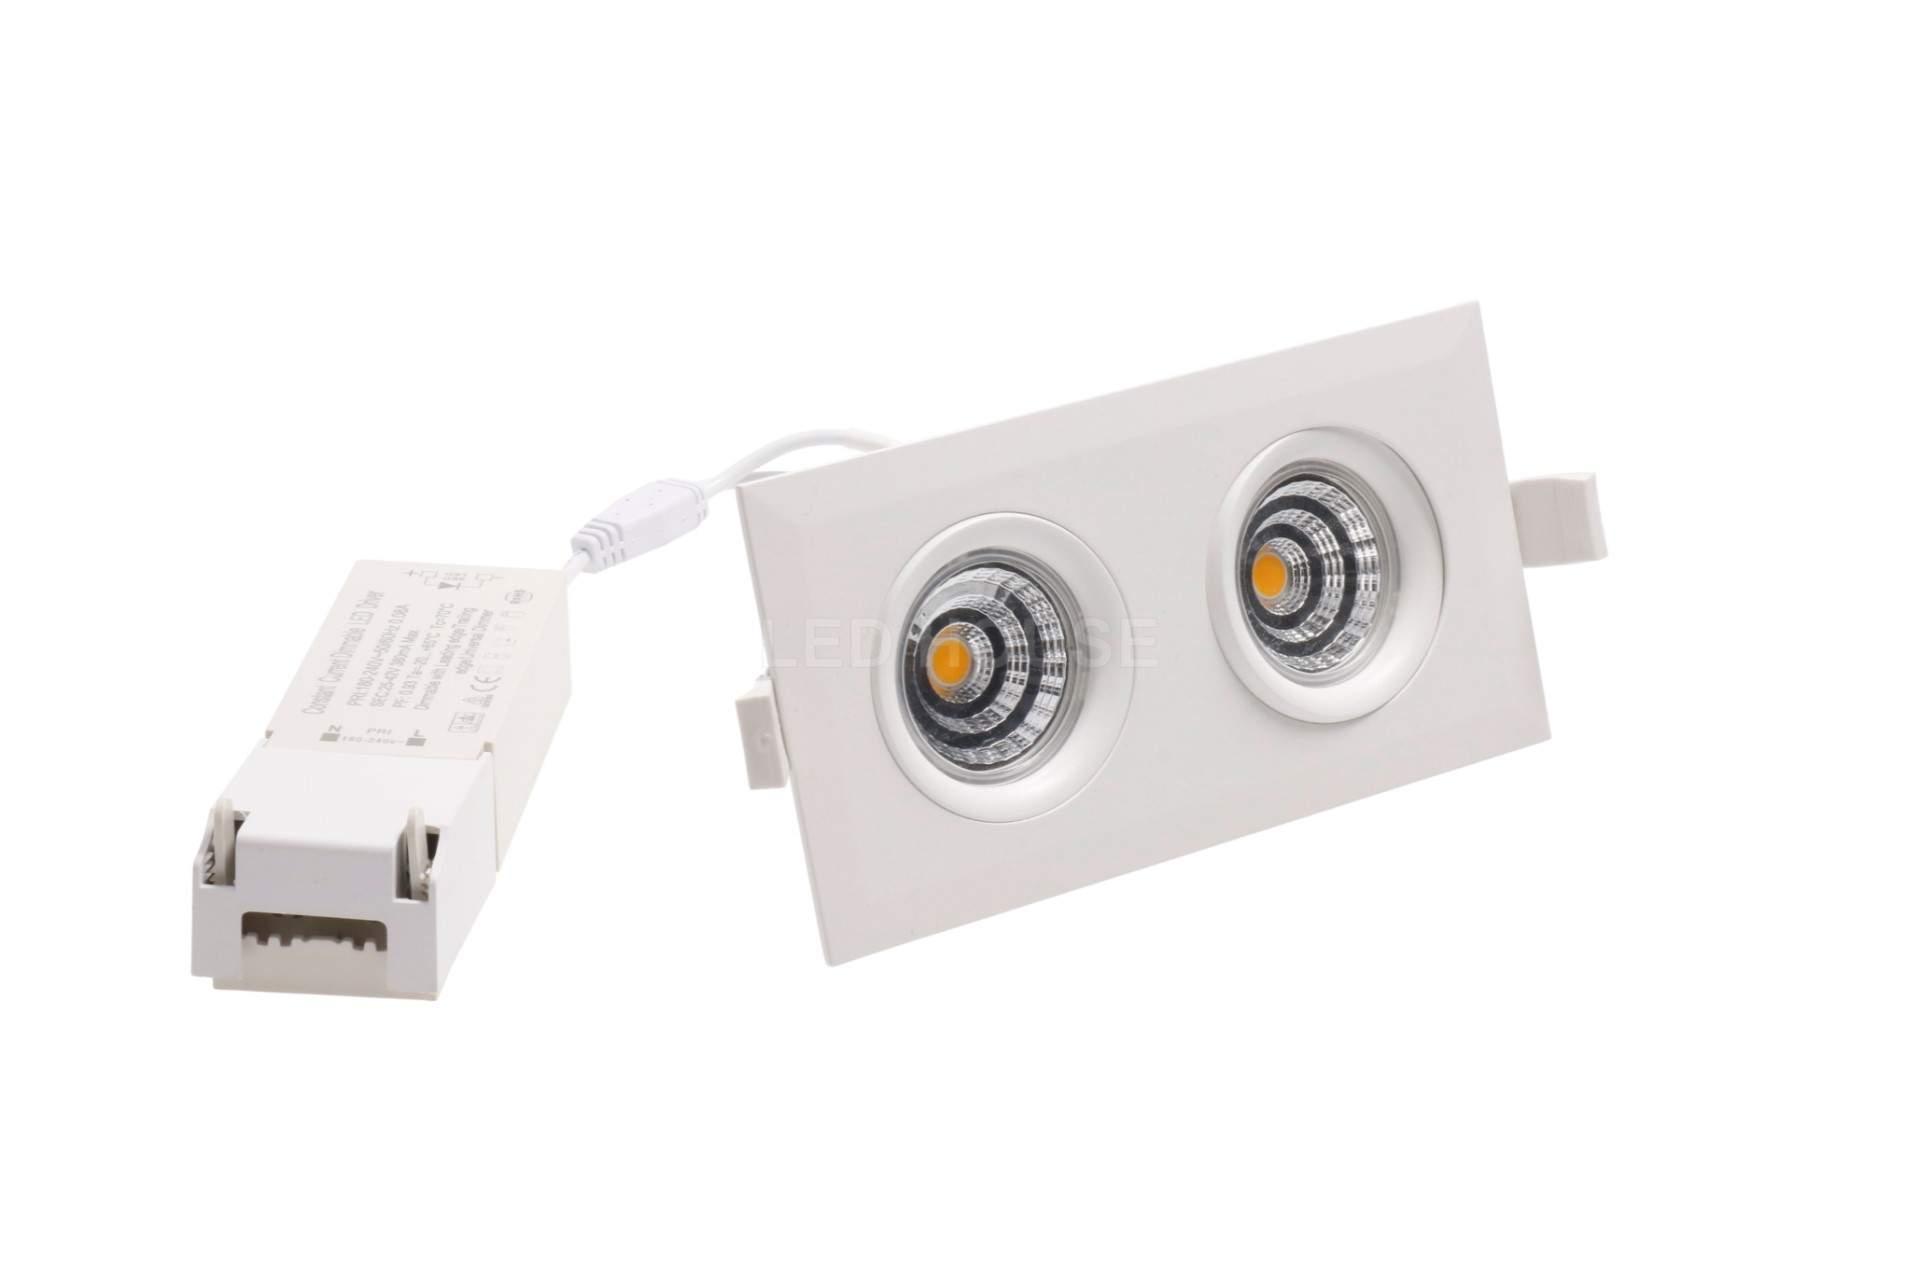 LED downlight LED downlight PROLUMEN Smart Plus 2x9W DIM white  18W 720lm CRI90  45° IP44 3000K warm white